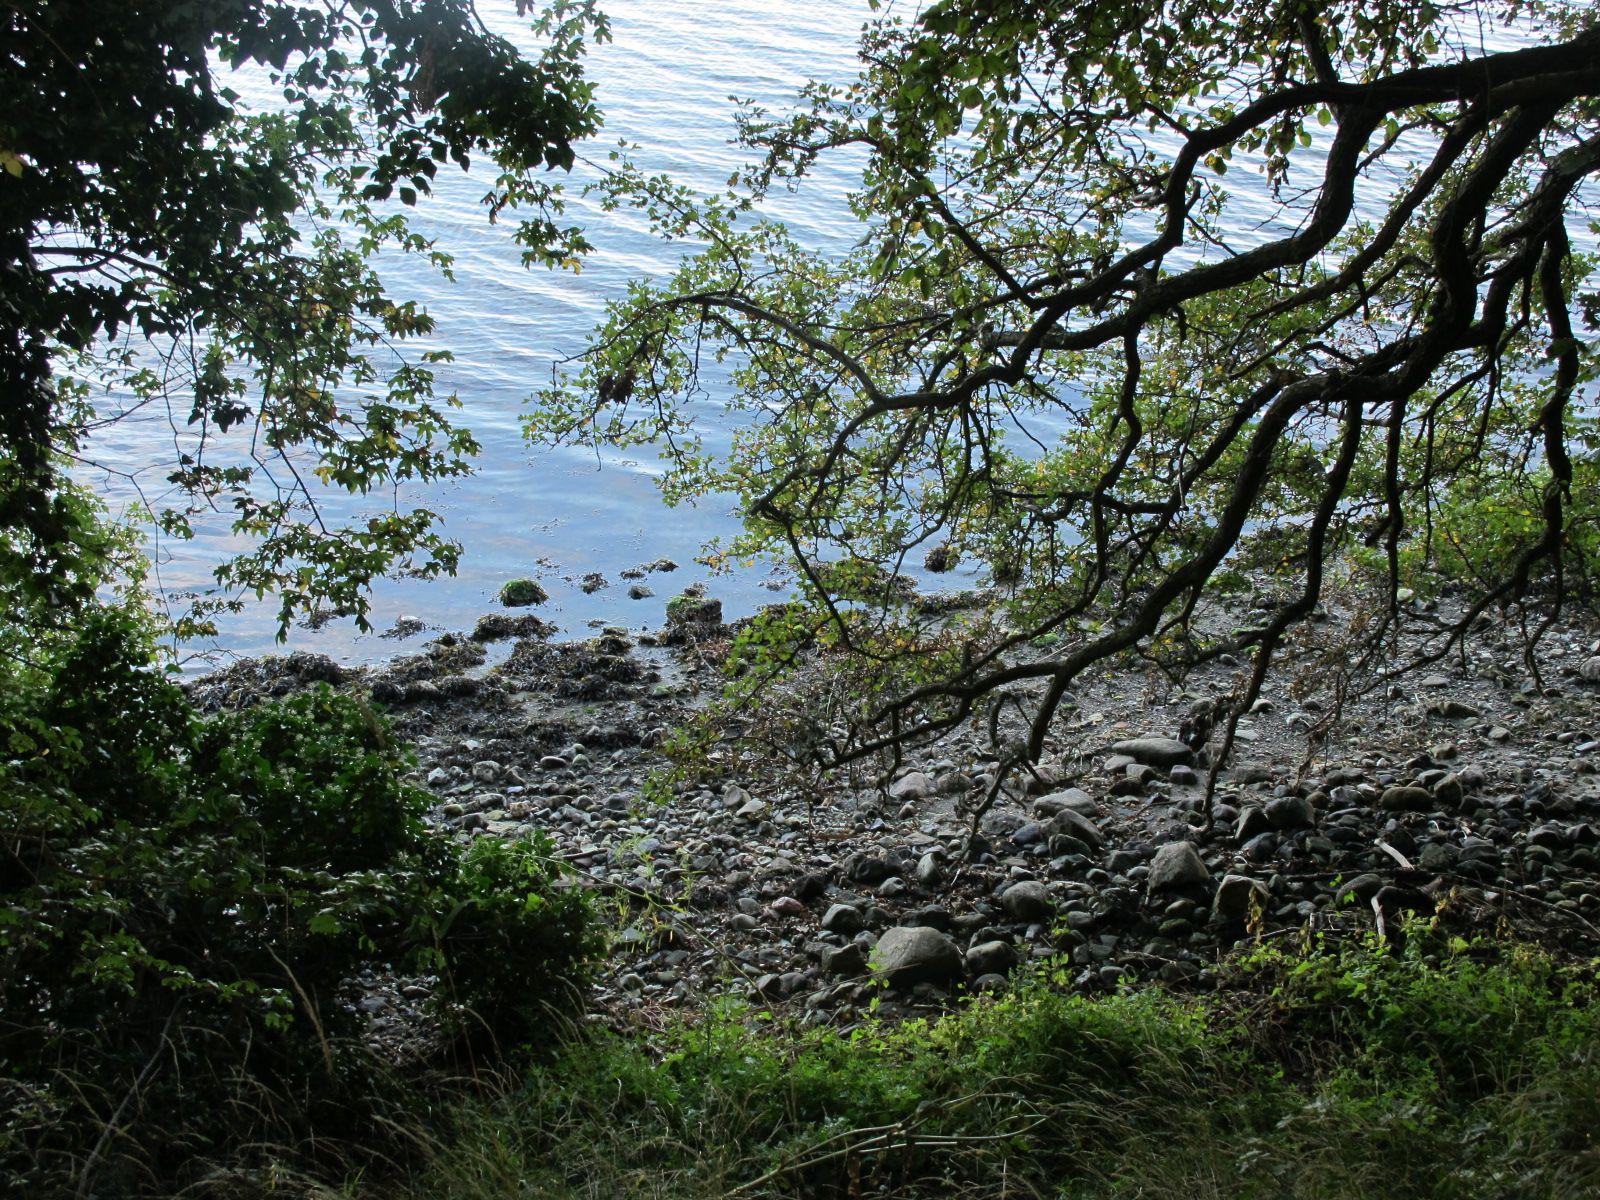 #visitwestzealand #visitskaelskoer #visitvestsjaelland #visitsjælland #visitskælskør #visitzealand #visitdenmark Skælskør nor #visitwestzealand